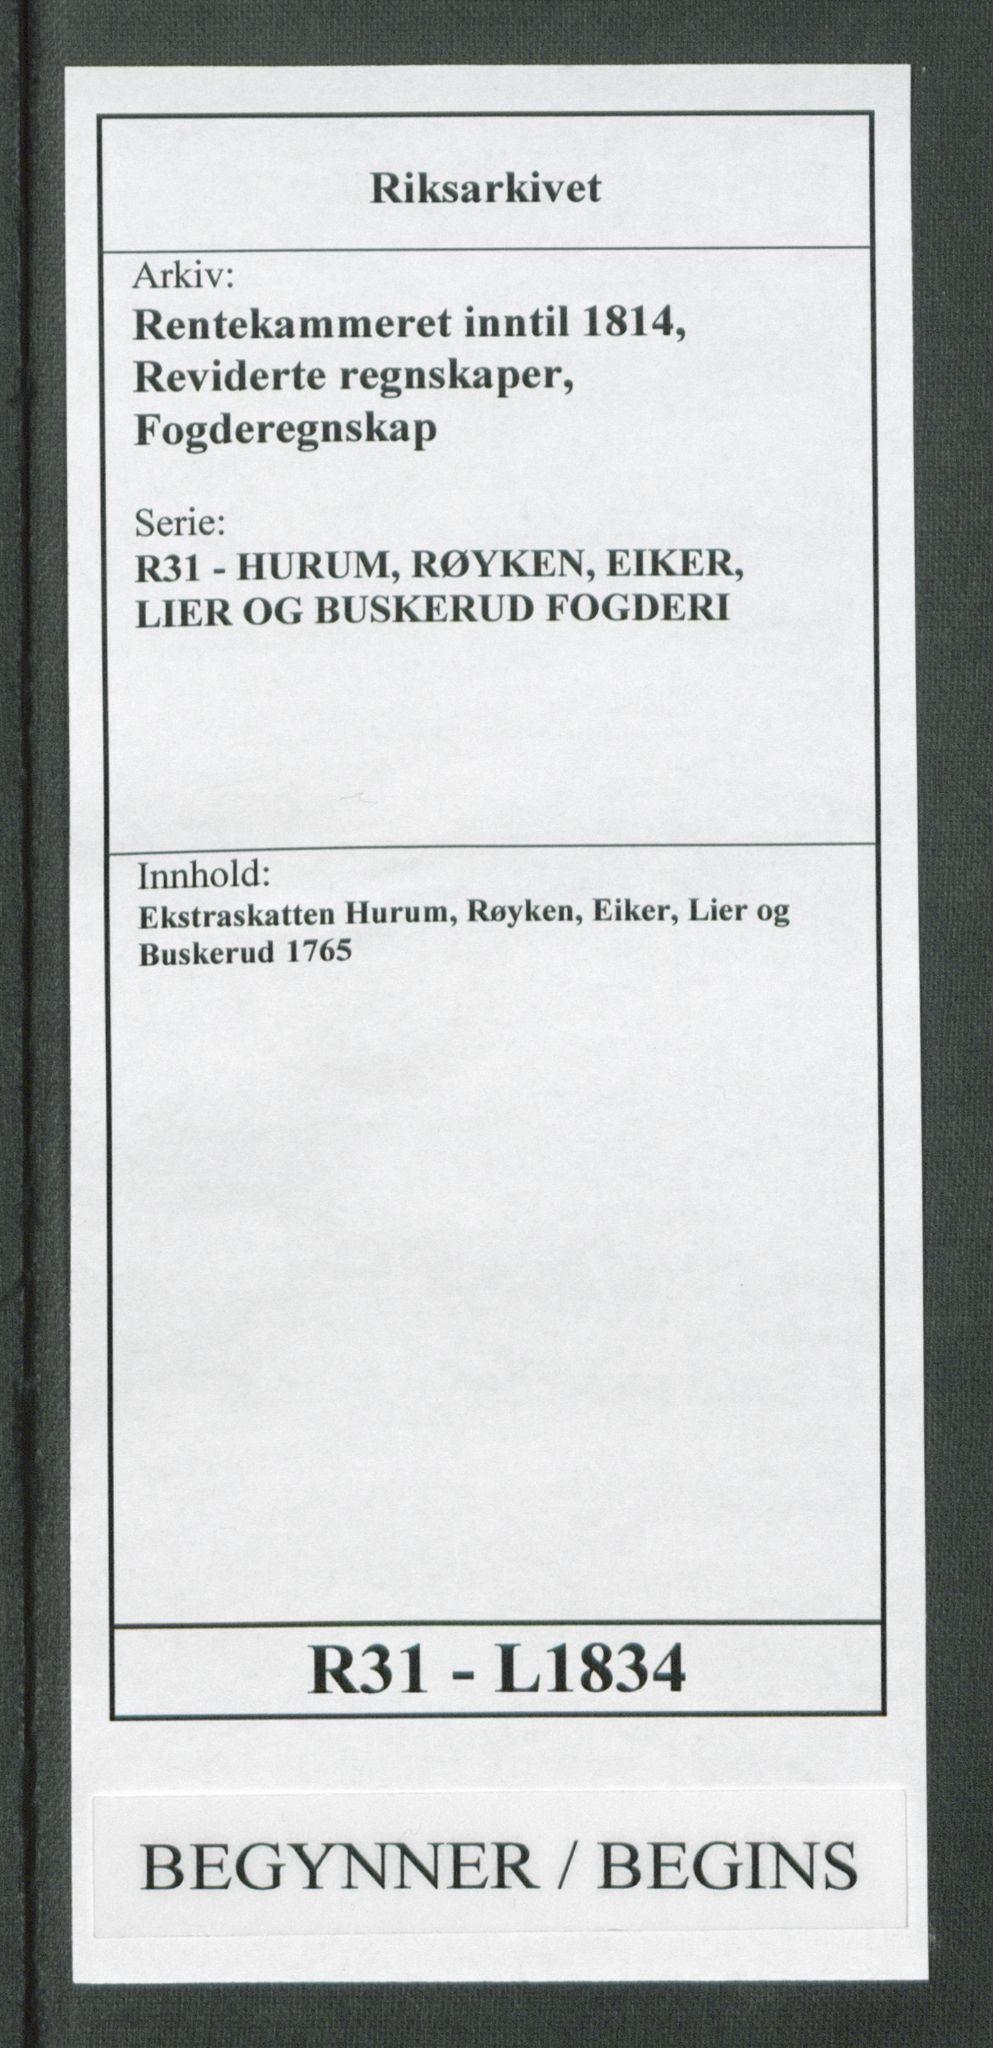 RA, Rentekammeret inntil 1814, Reviderte regnskaper, Fogderegnskap, R31/L1834: Ekstraskatten Hurum, Røyken, Eiker, Lier og Buskerud, 1765, s. 1